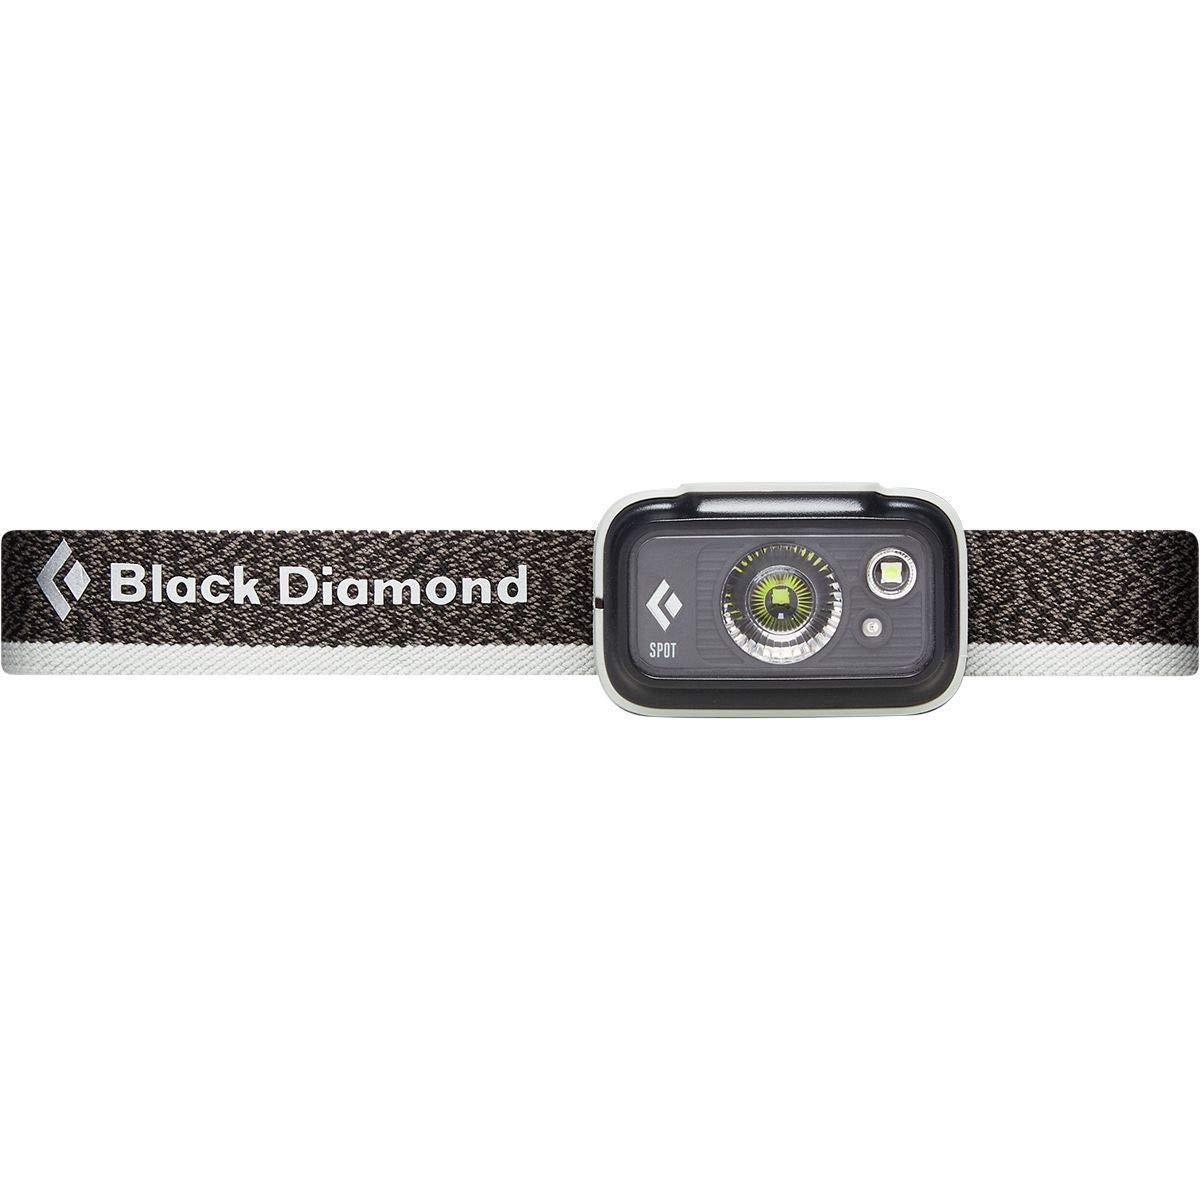 【ポイント5倍~6/20】Black Diamond(ブラックダイヤモンド) スポット325 BD81054 325ルーメン